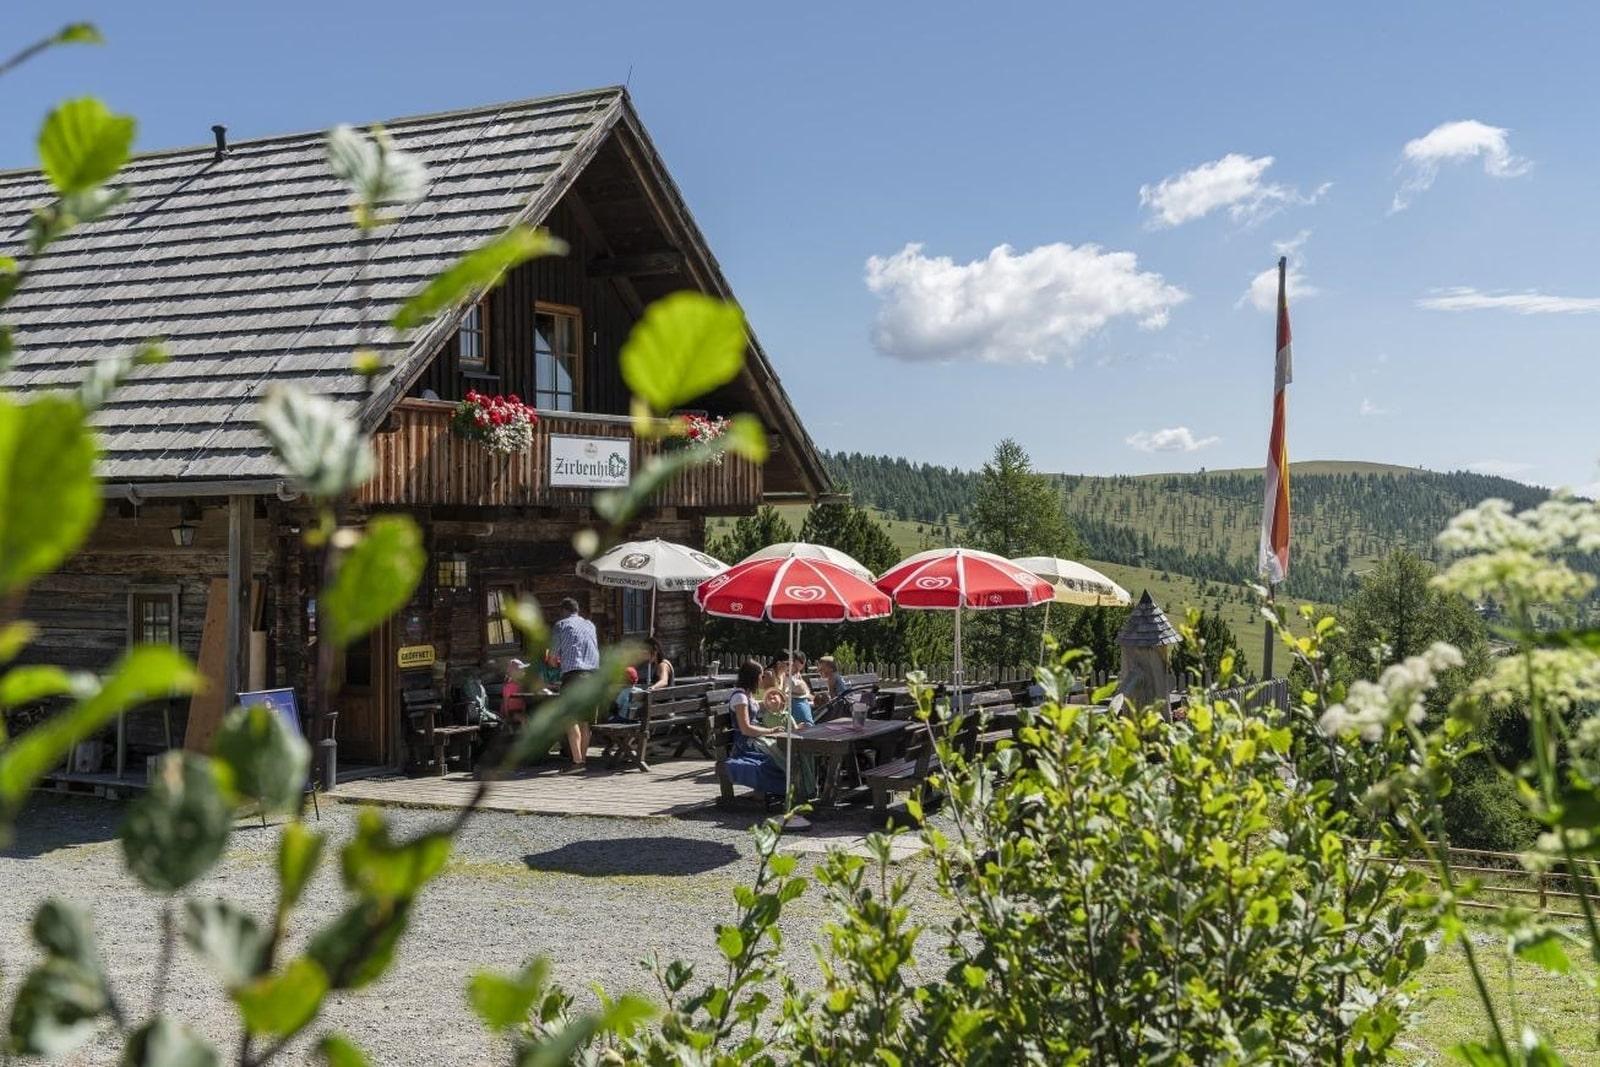 Heidi-Chalet-Falkert-Heidialm-Restaurant-Zirbenhuette-Sommer